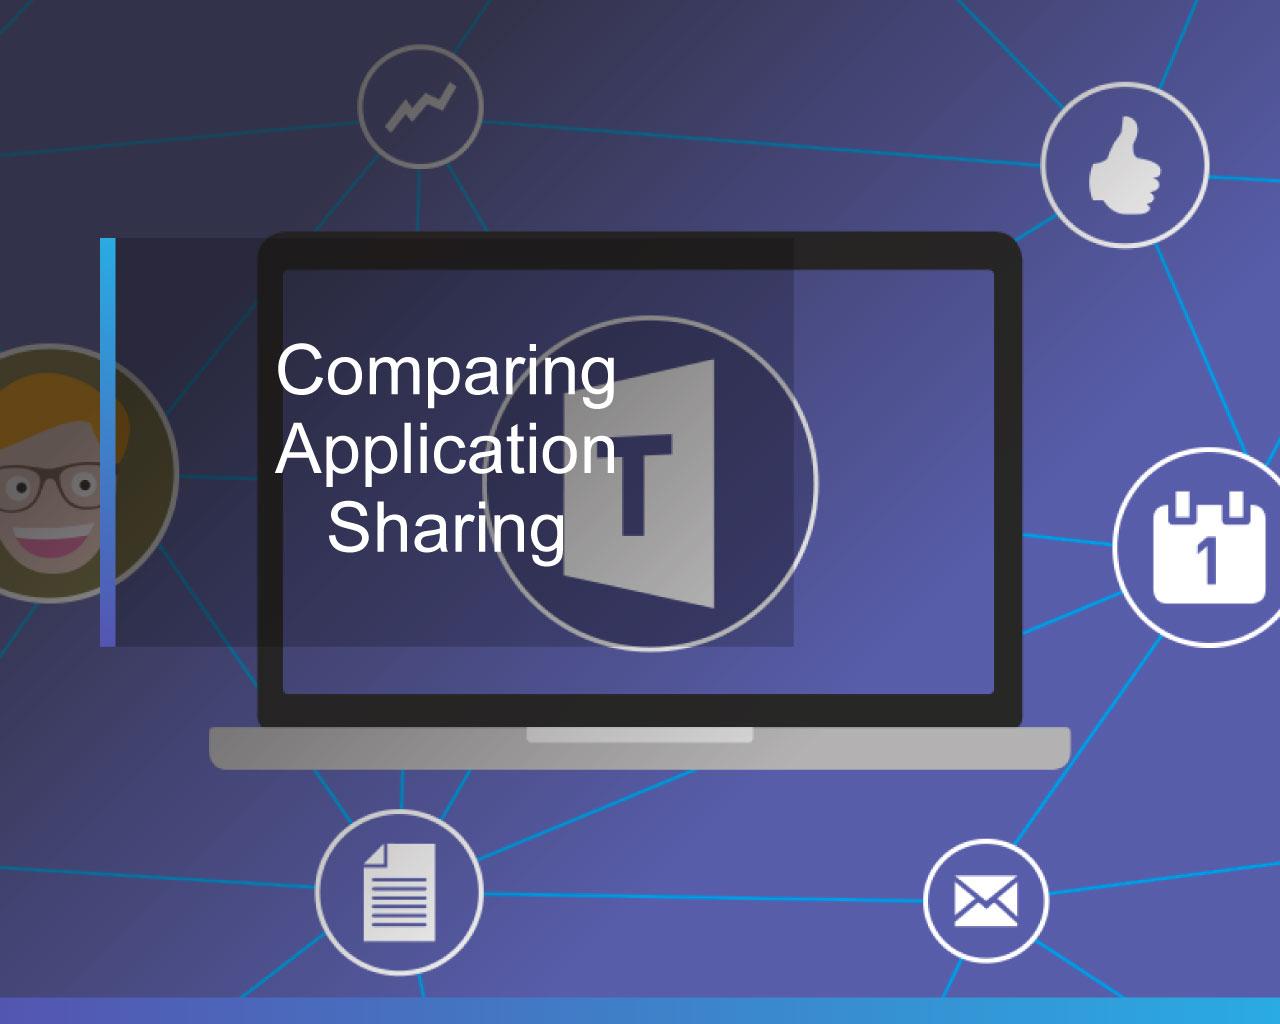 Teams & S4B Comparing Application Sharing